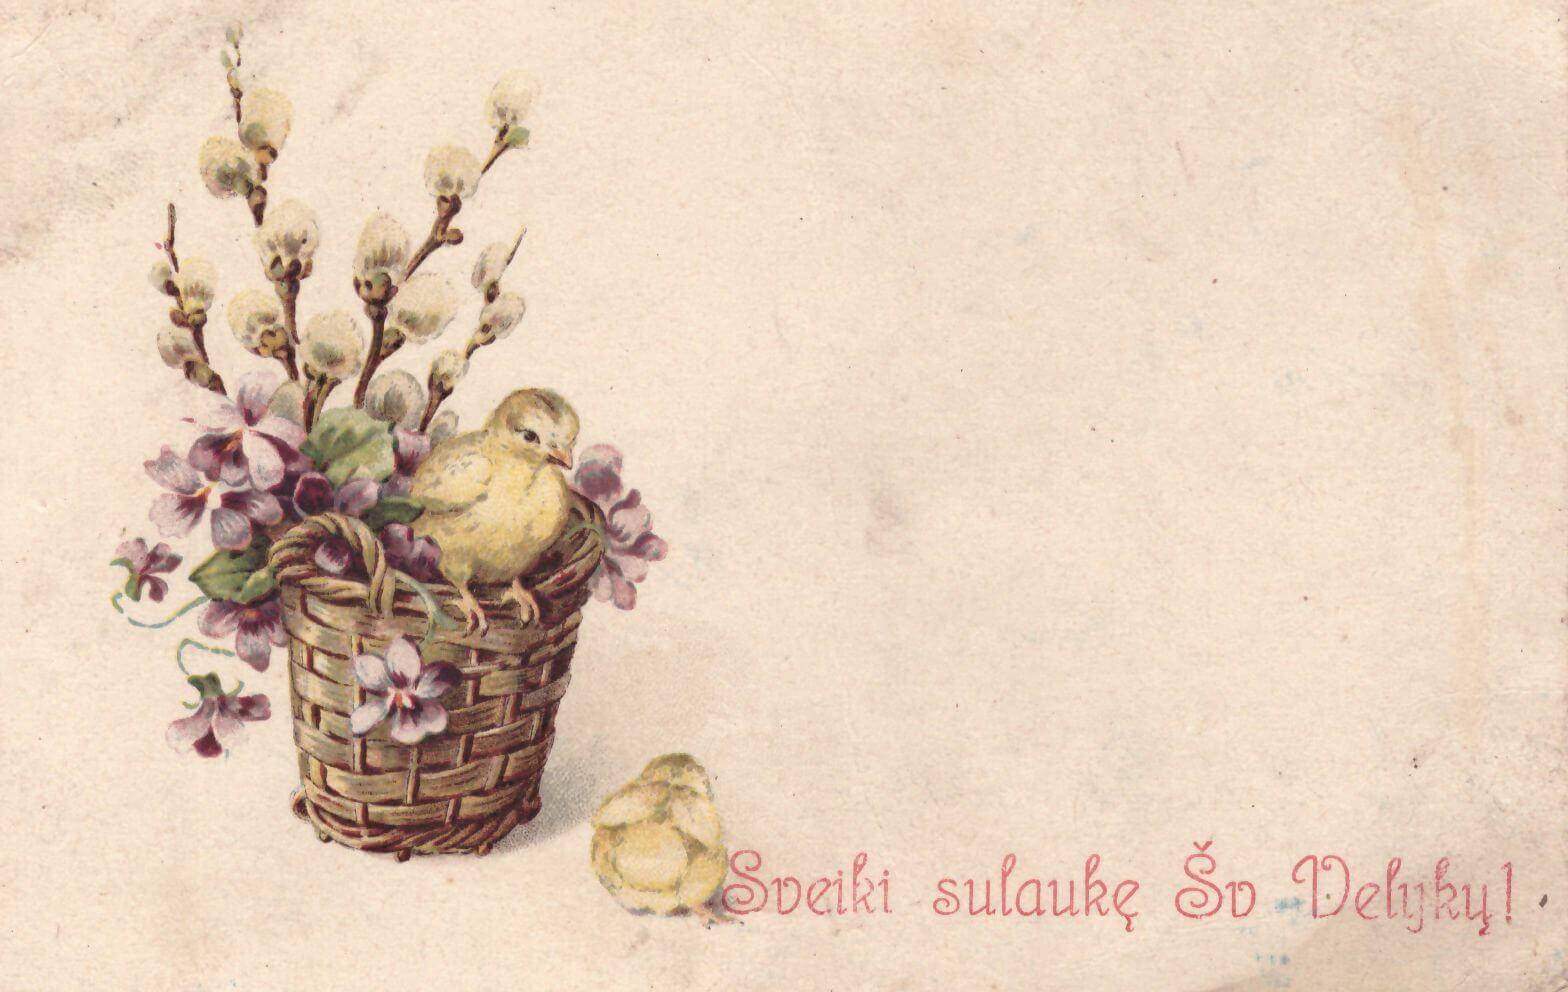 """16. P. m. PF 1750 atvirukas """"Sveiki sulaukę Šv. Velykų!"""", 13,5 x 8,8 cm."""